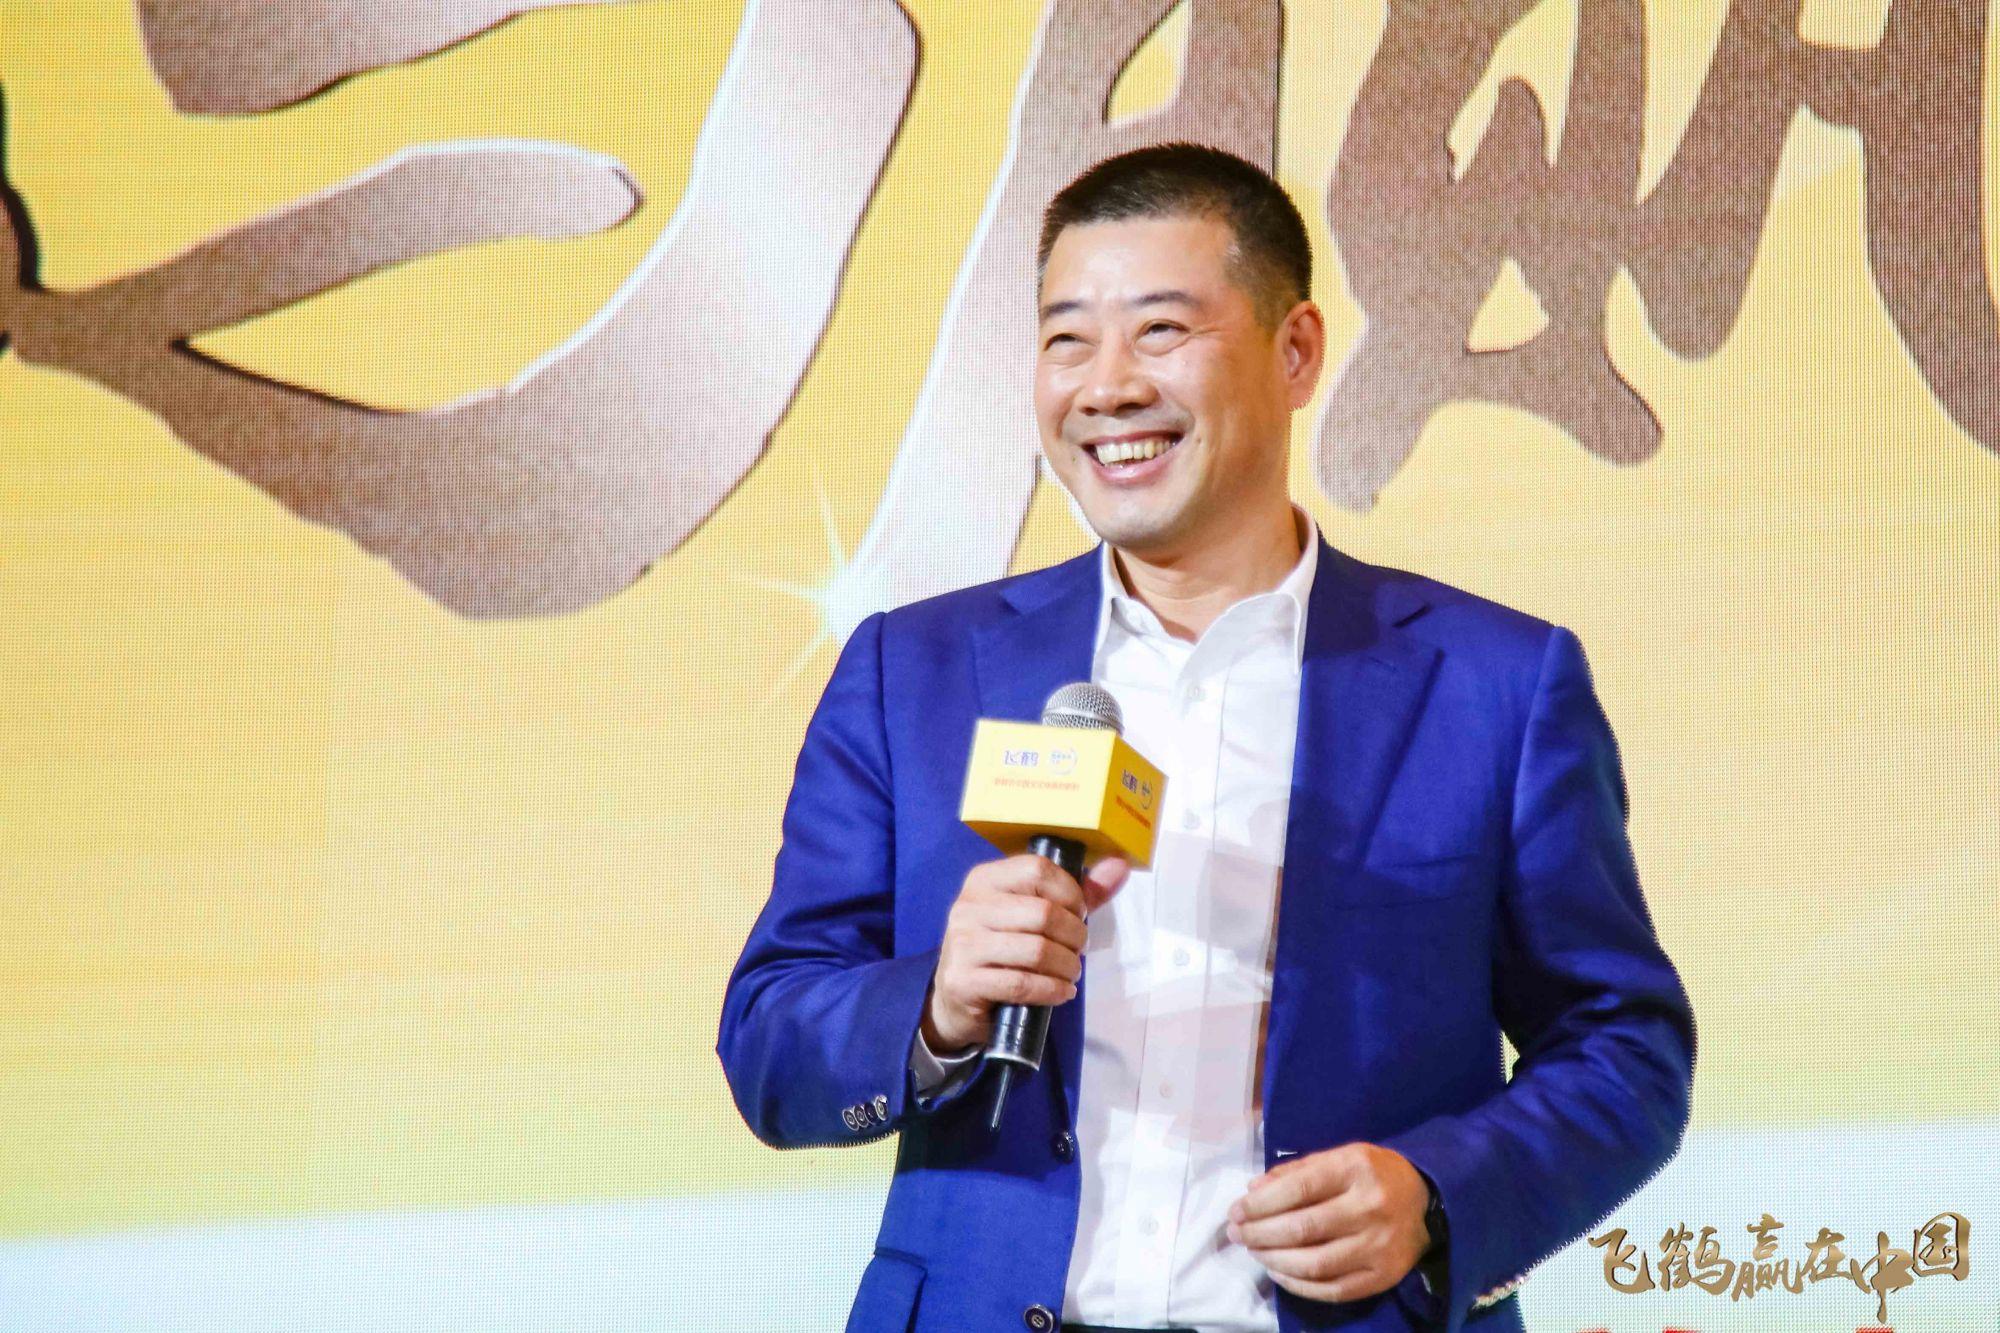 """飞鹤冷友斌:破局品牌桎梏,国产奶粉""""城寨渐兴""""(三)"""